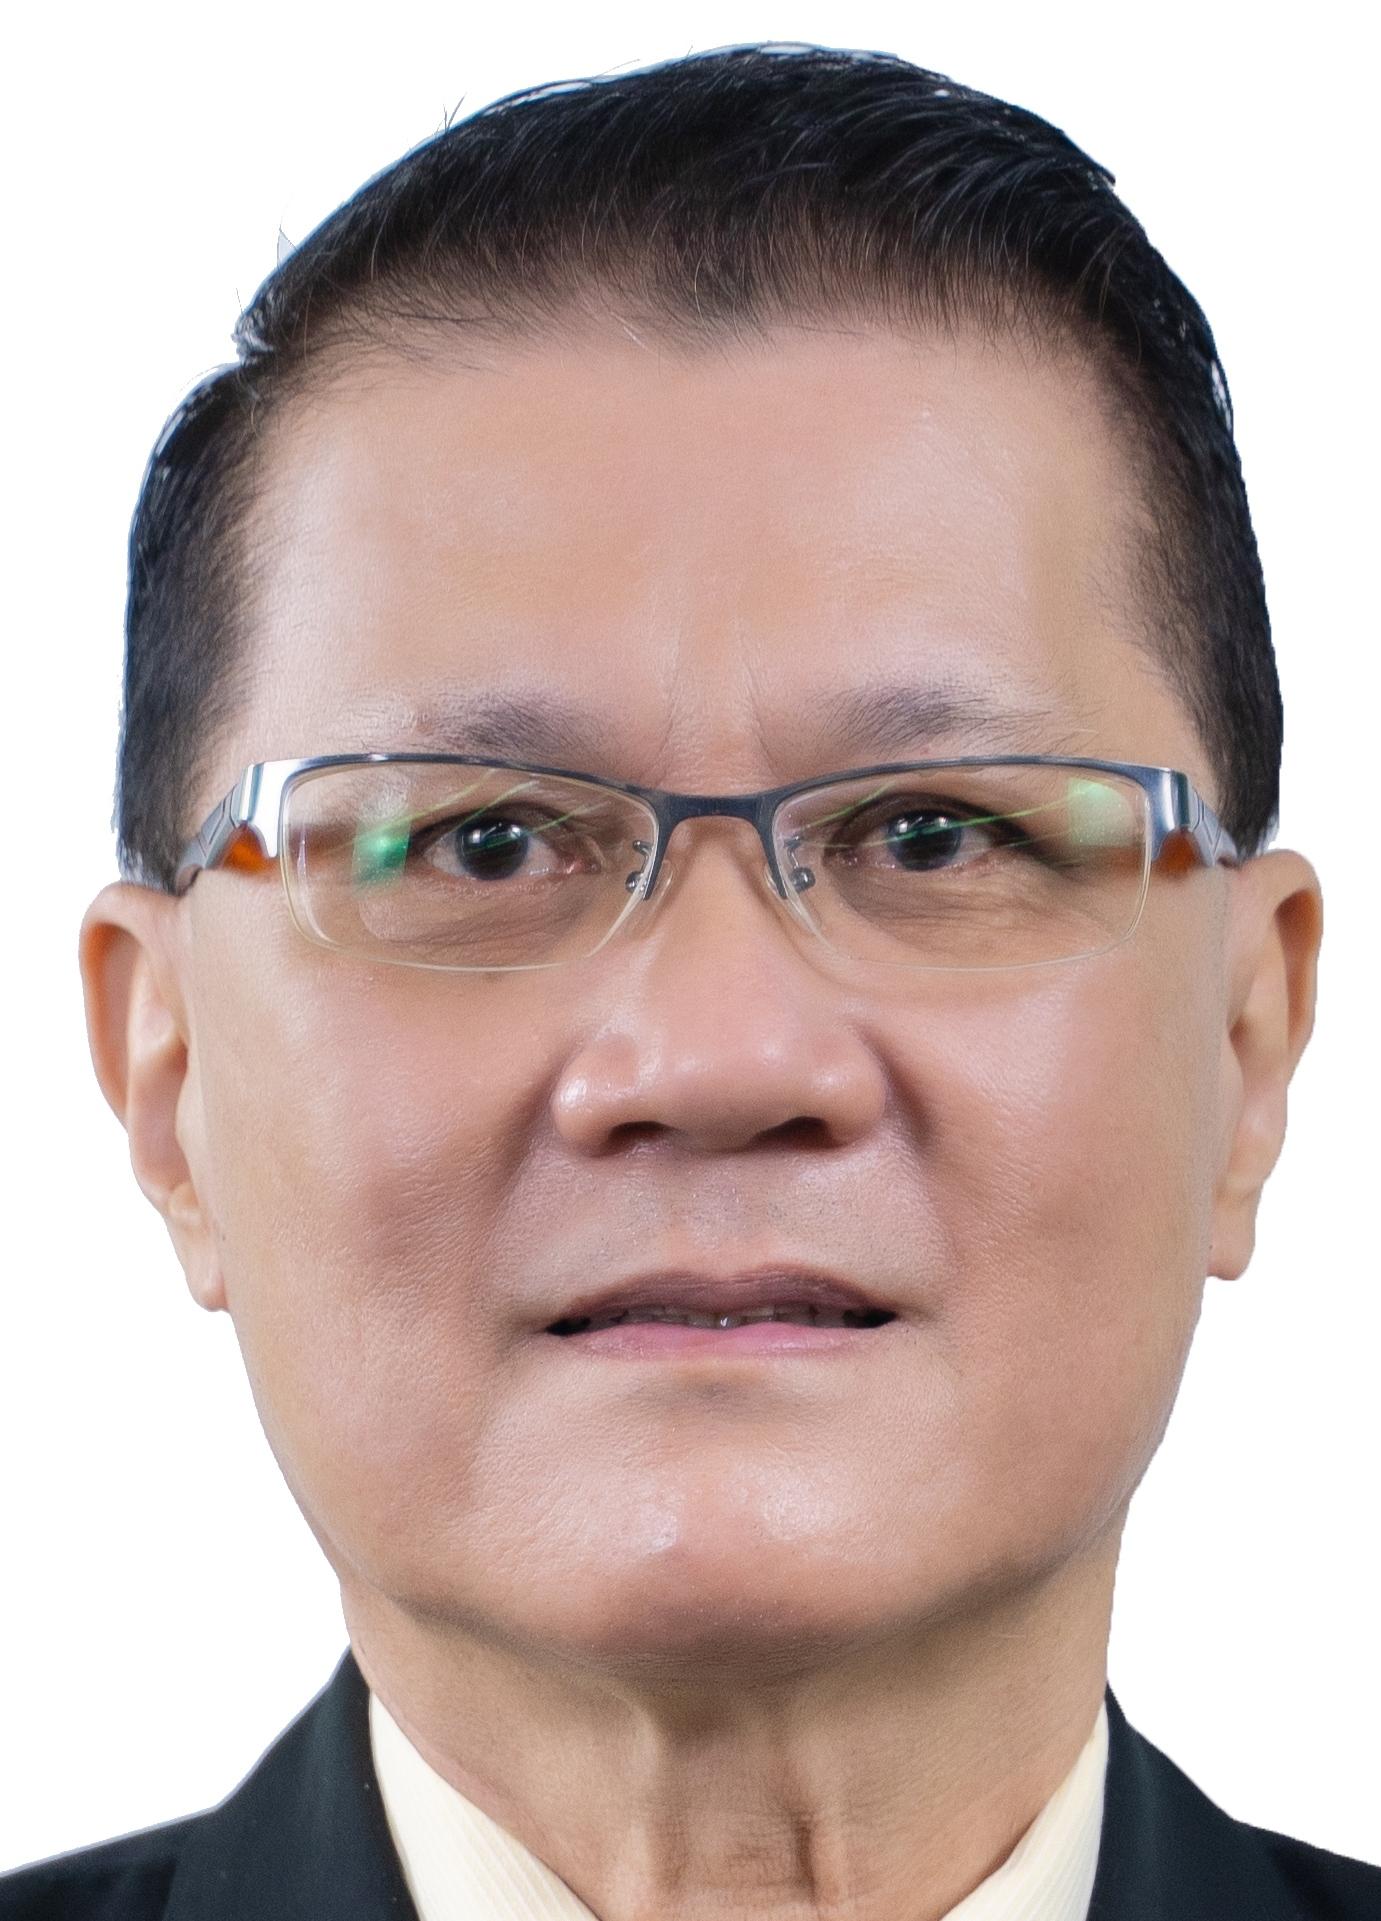 Phang Joon Foong